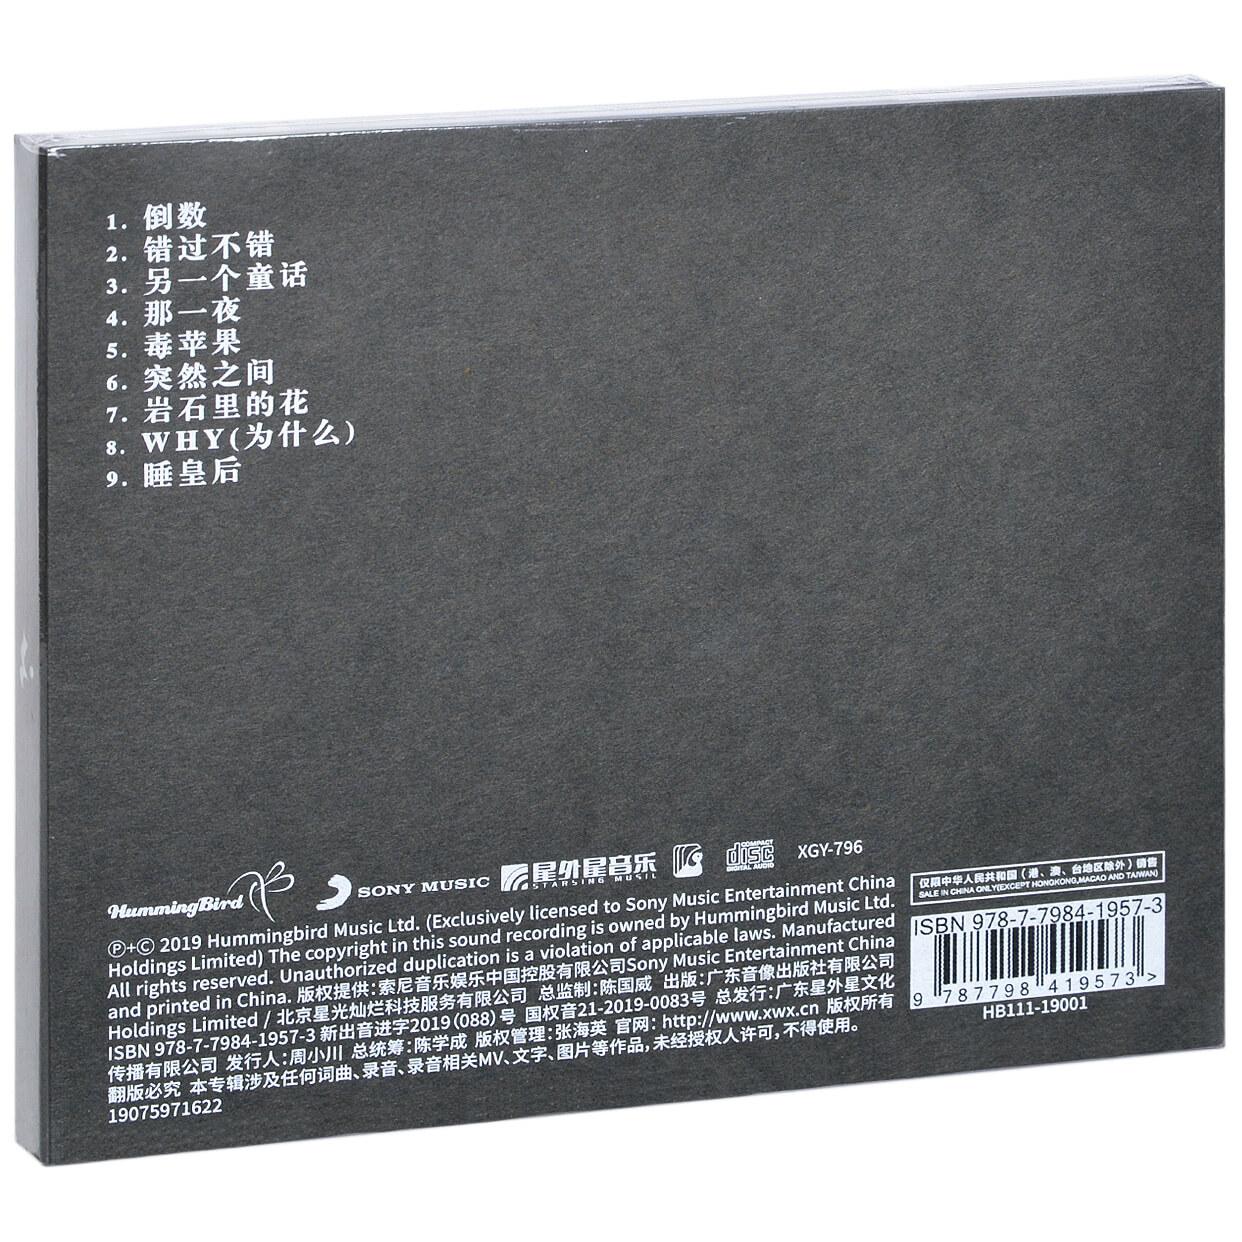 官方正版 邓紫棋 童话的休止符 2019新专辑 唱片CD+写真